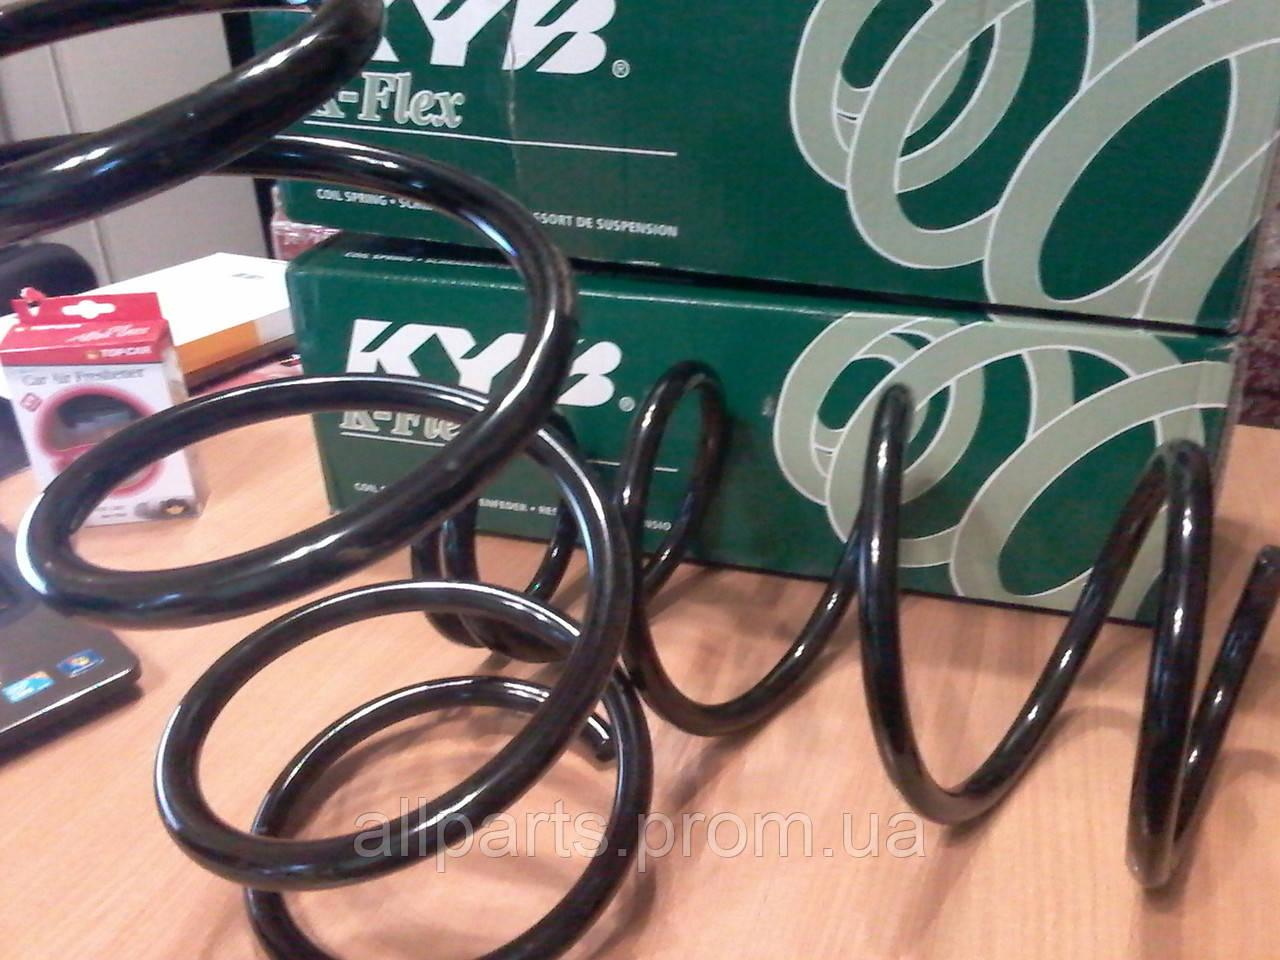 Пружины Каяба (KYB, производитель K-Flex страна Япония/Германия)